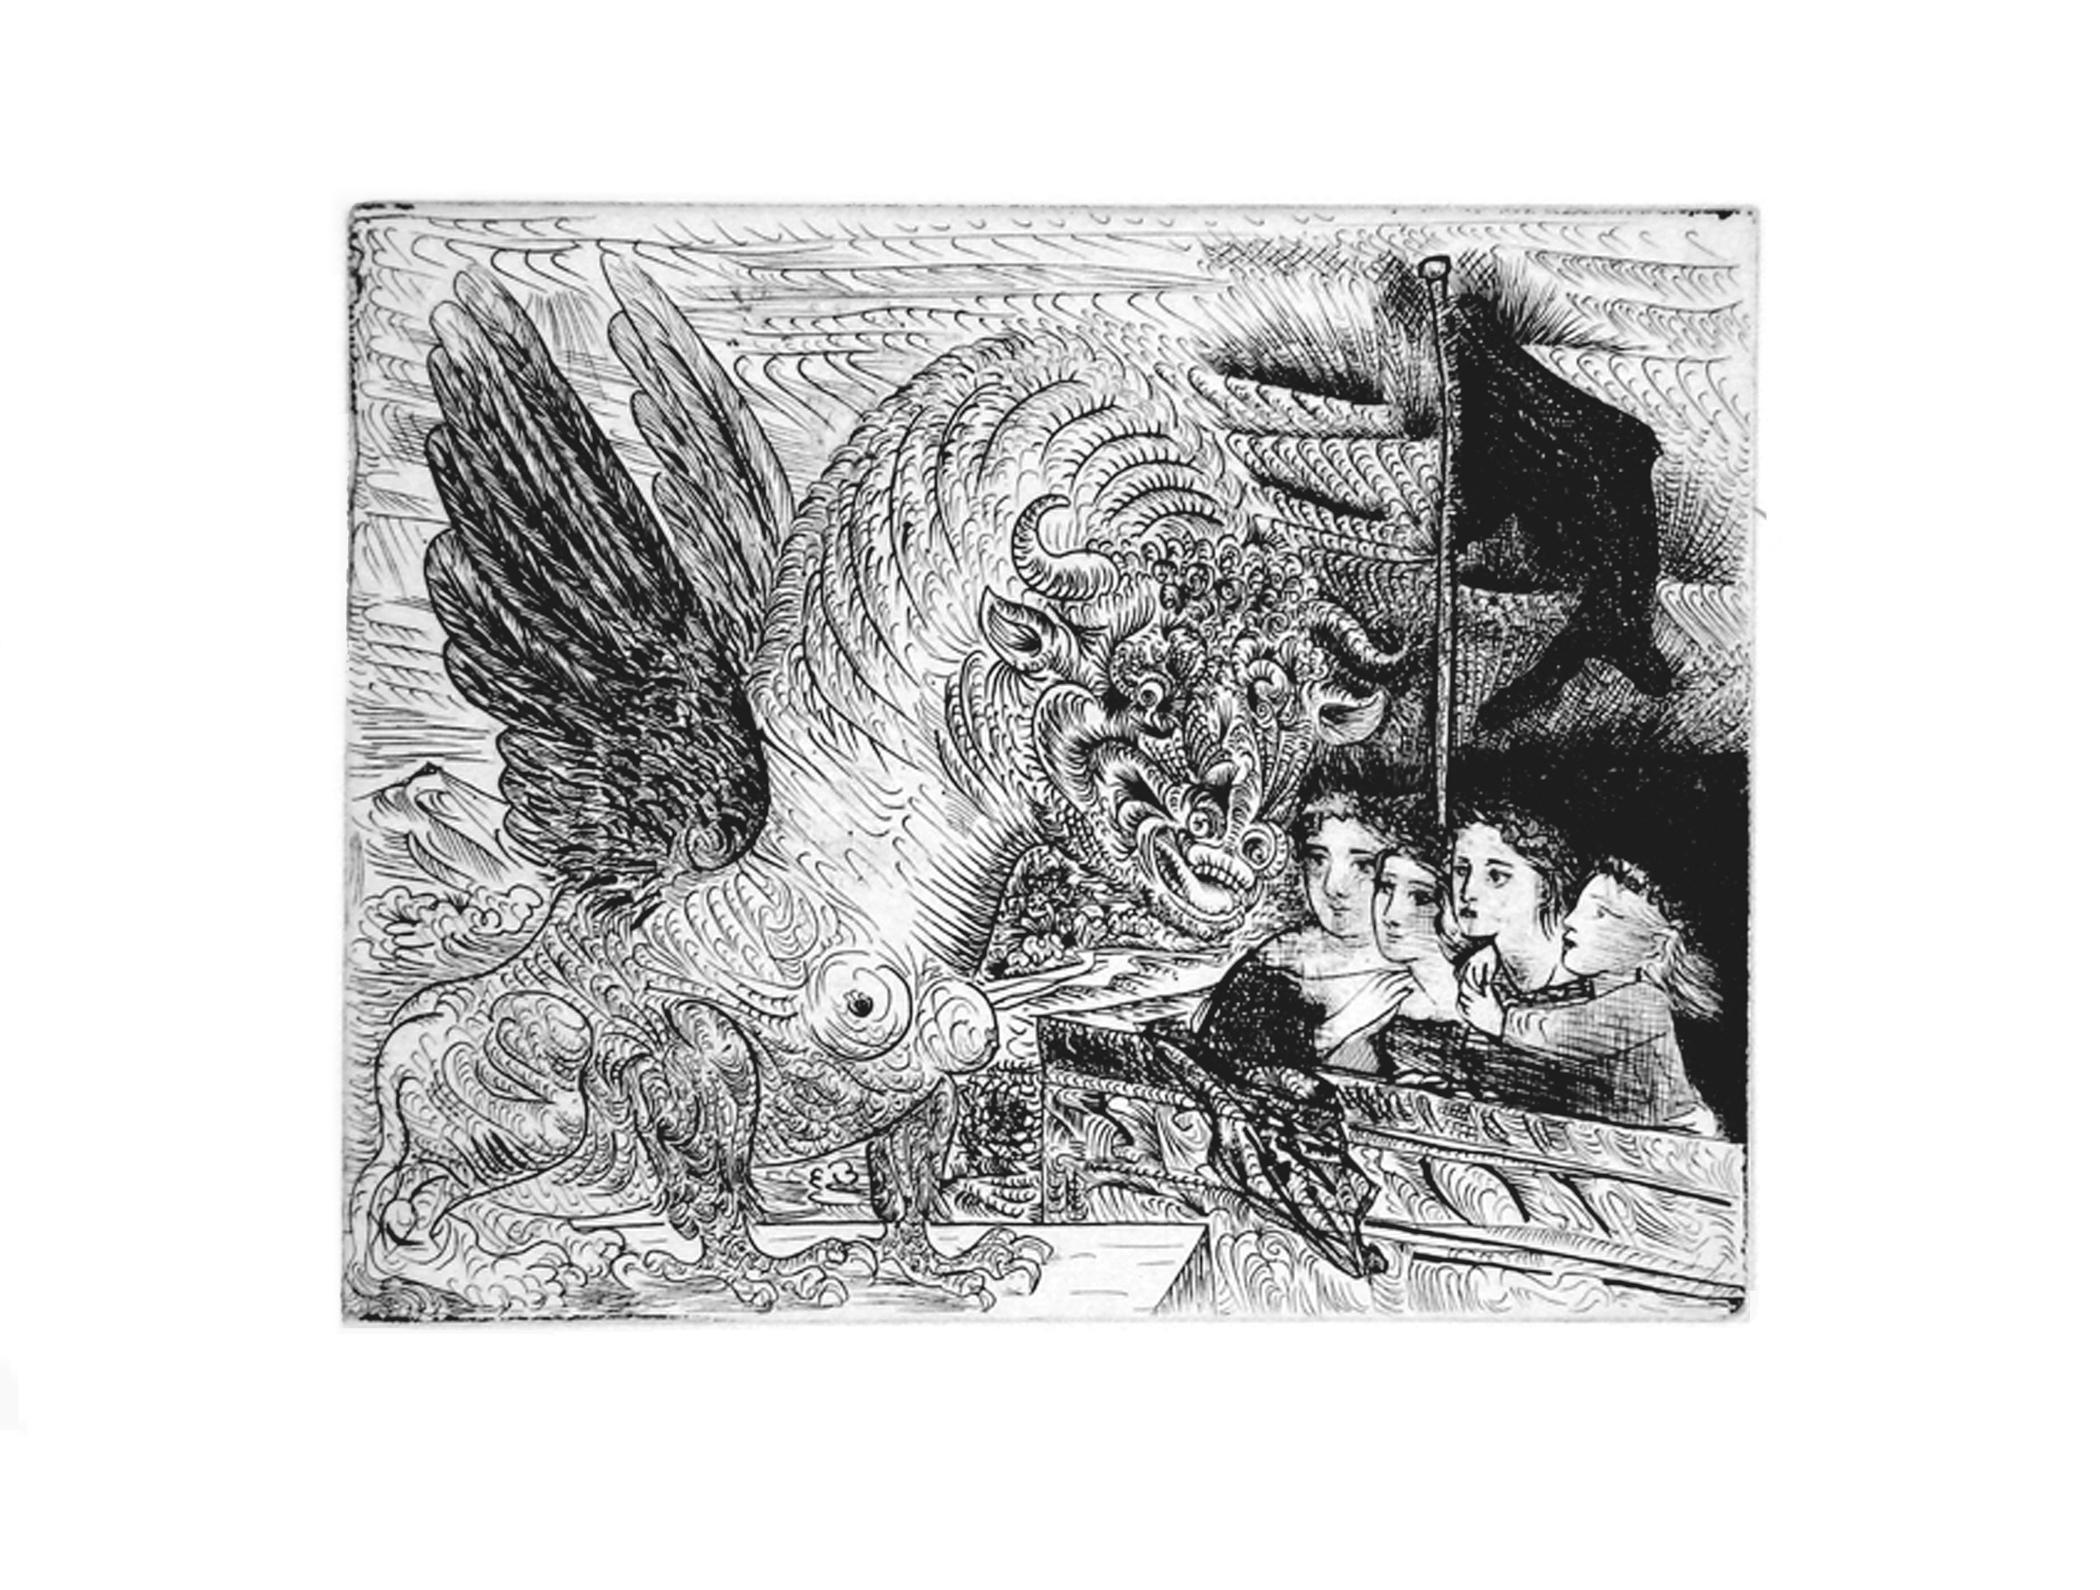 Harpye à Tête de Taureau, et Quatre Petites Filles sur une Tour surmontée B229